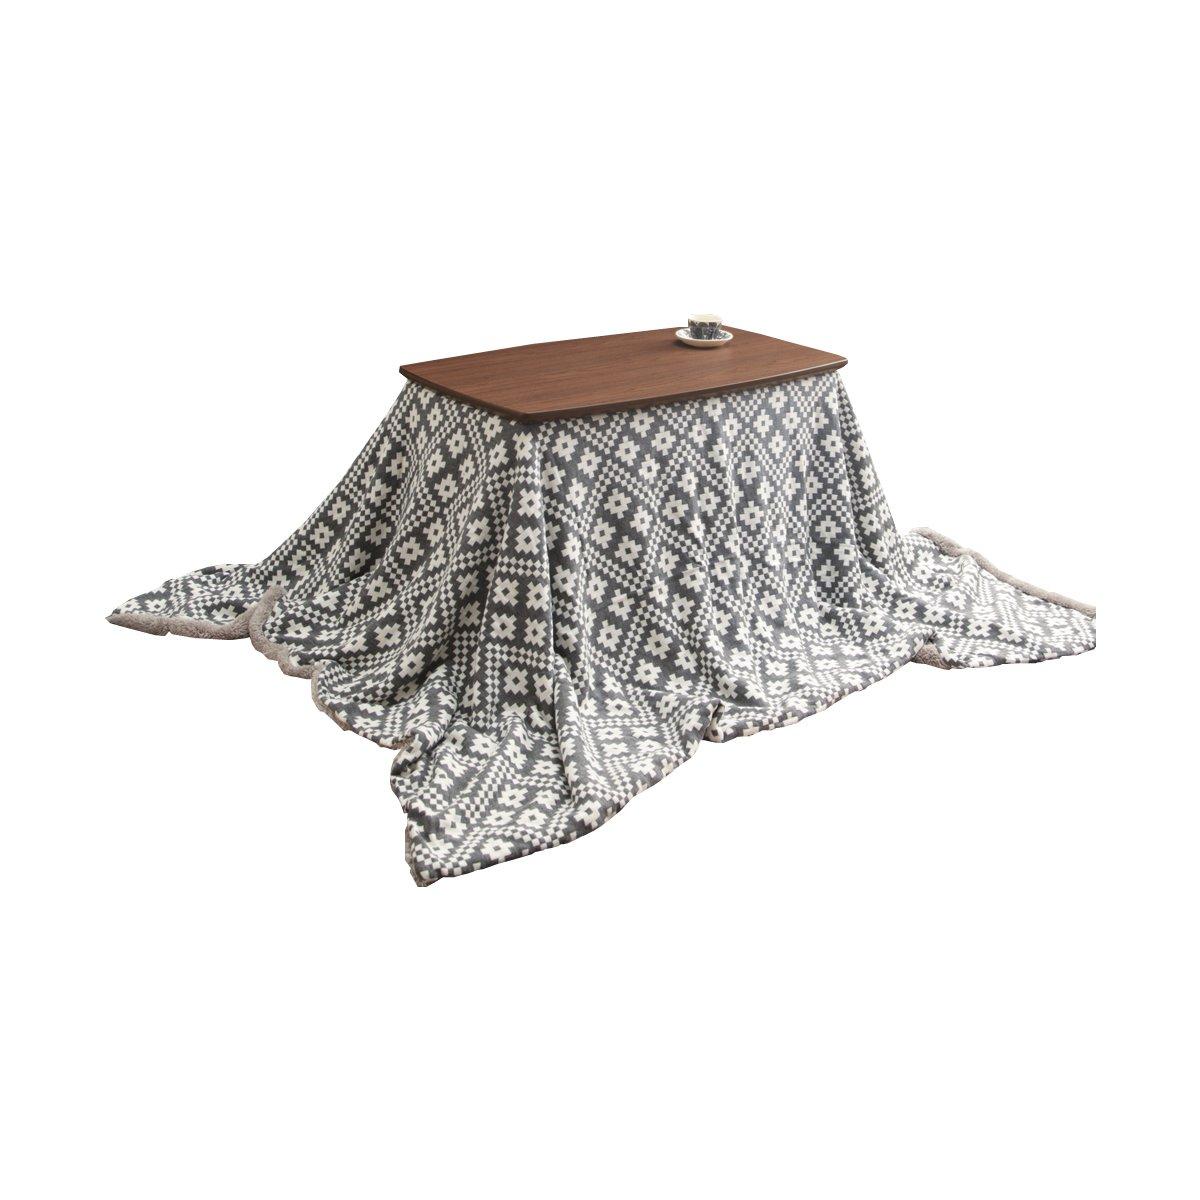 グレー/Topo こたつセット 90×50 こたつ こたつテーブル こたつ布団 2点セット 高さ調節 フラットヒーター 天然木 継ぎ脚  グレー B01MEG11G8